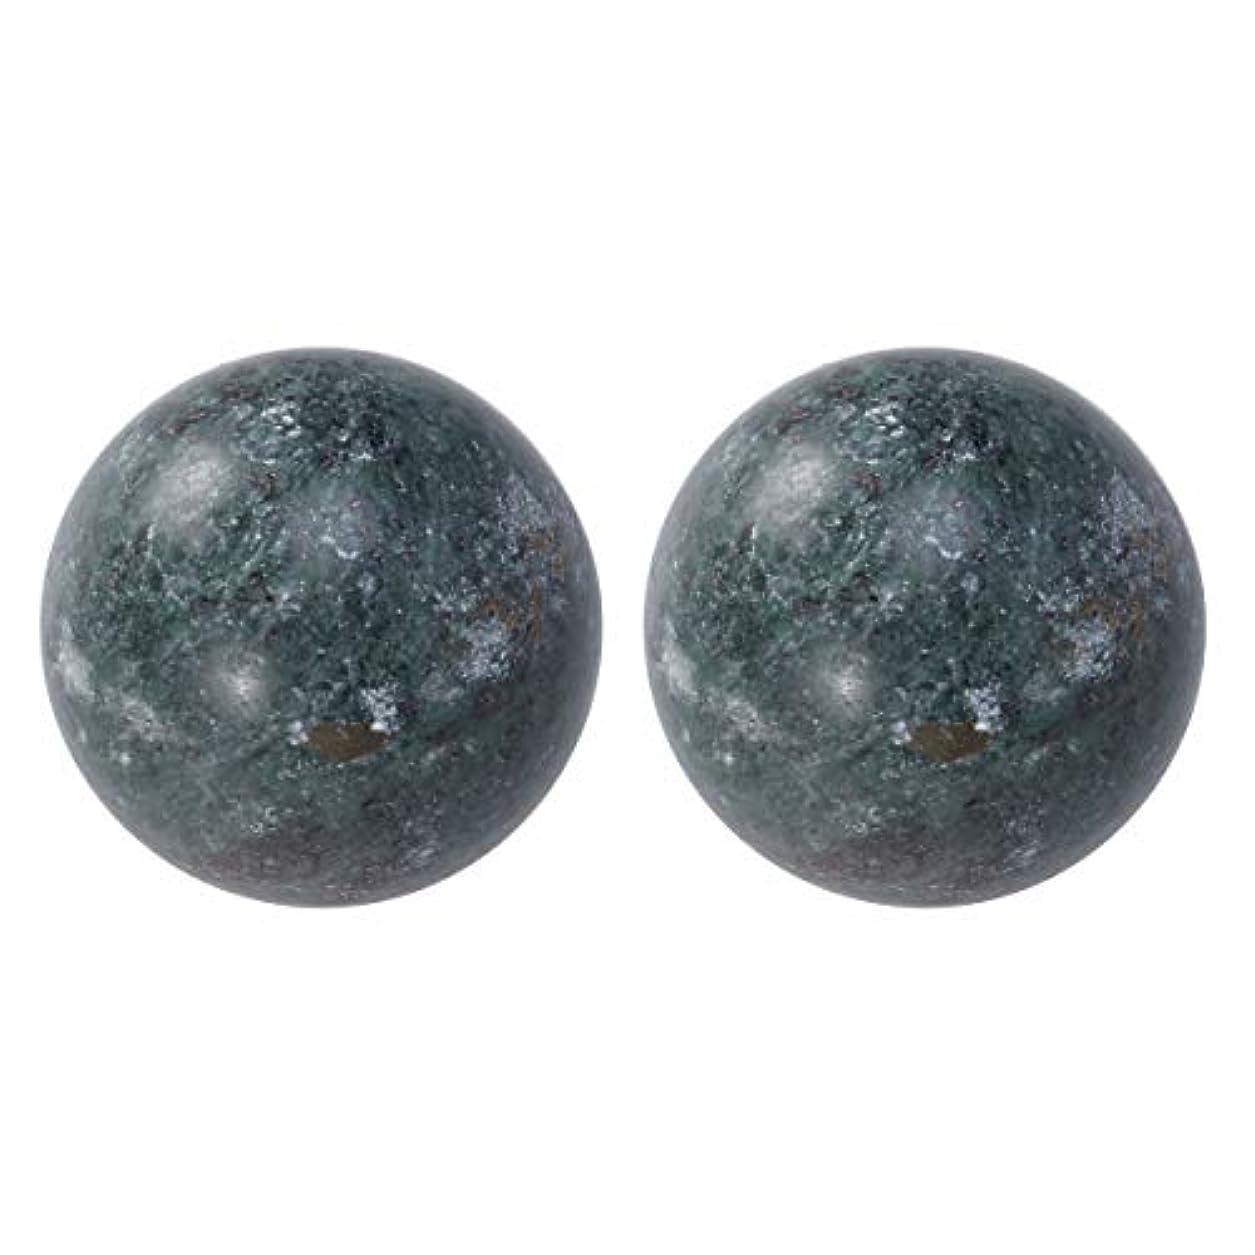 八寛大さ切断するHEALIFTY 2個の自然の翡翠手球ダークグレー中国の健康運動ボーイングボール老人のためのストレスリリーフ(黒)